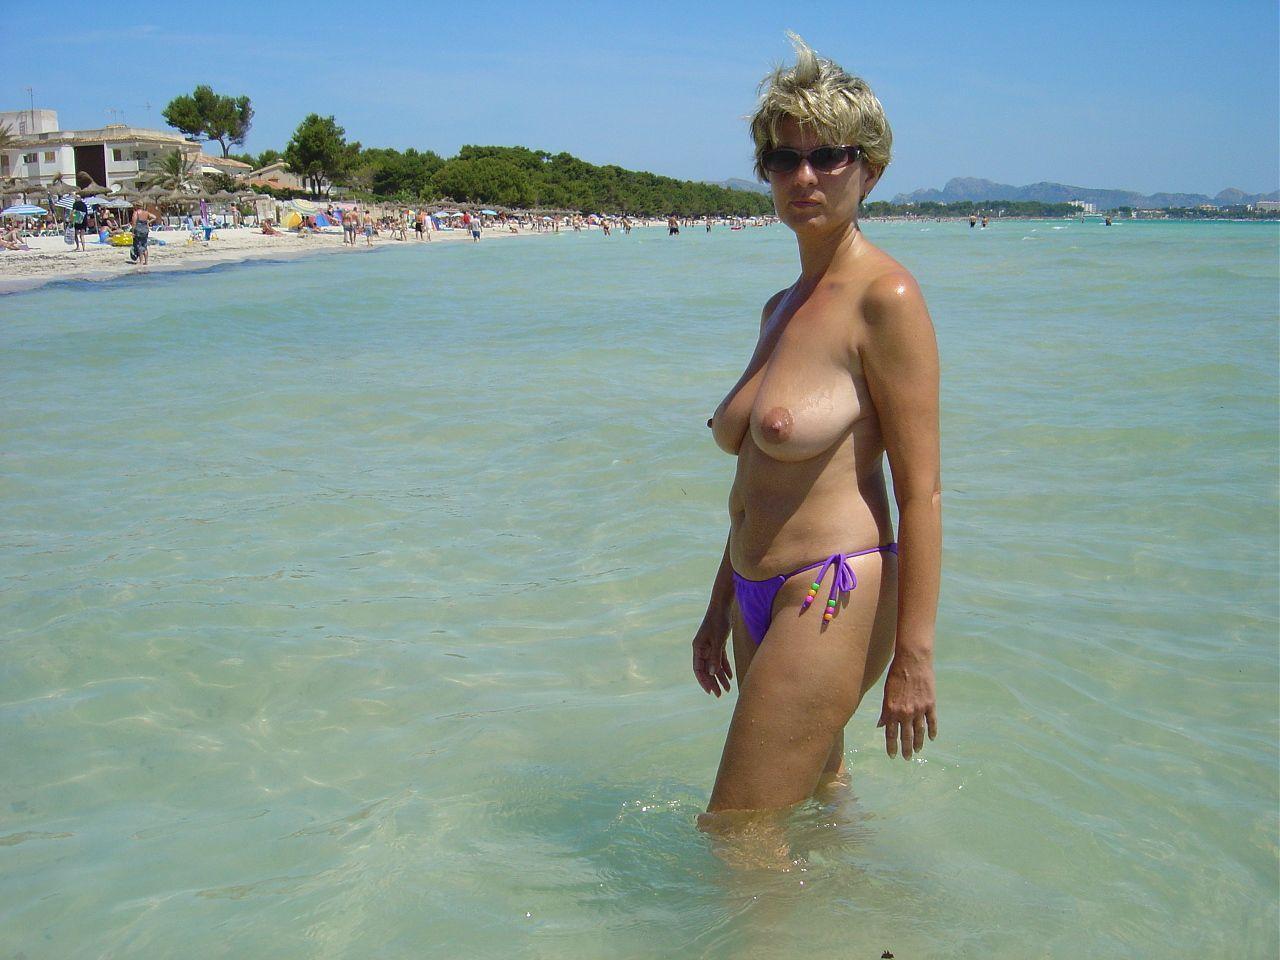 Женщины на пляже в возрасте